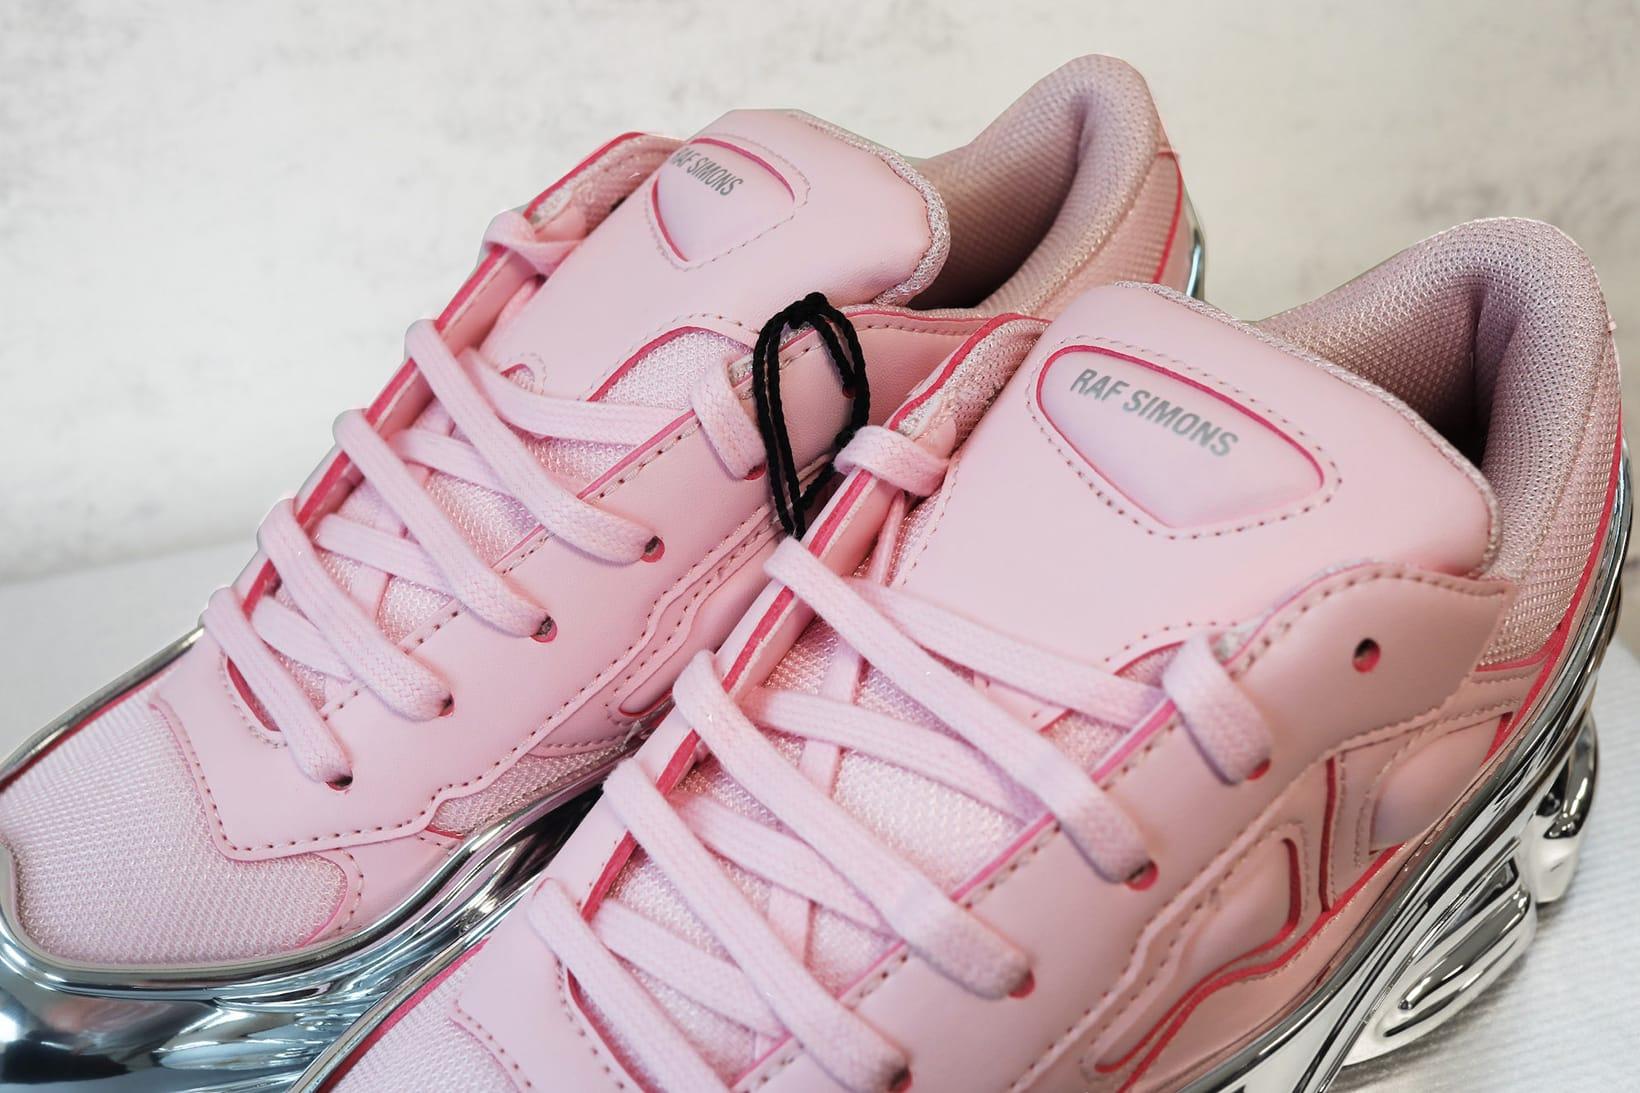 adidas x Raf Simons RS Ozweego Pink